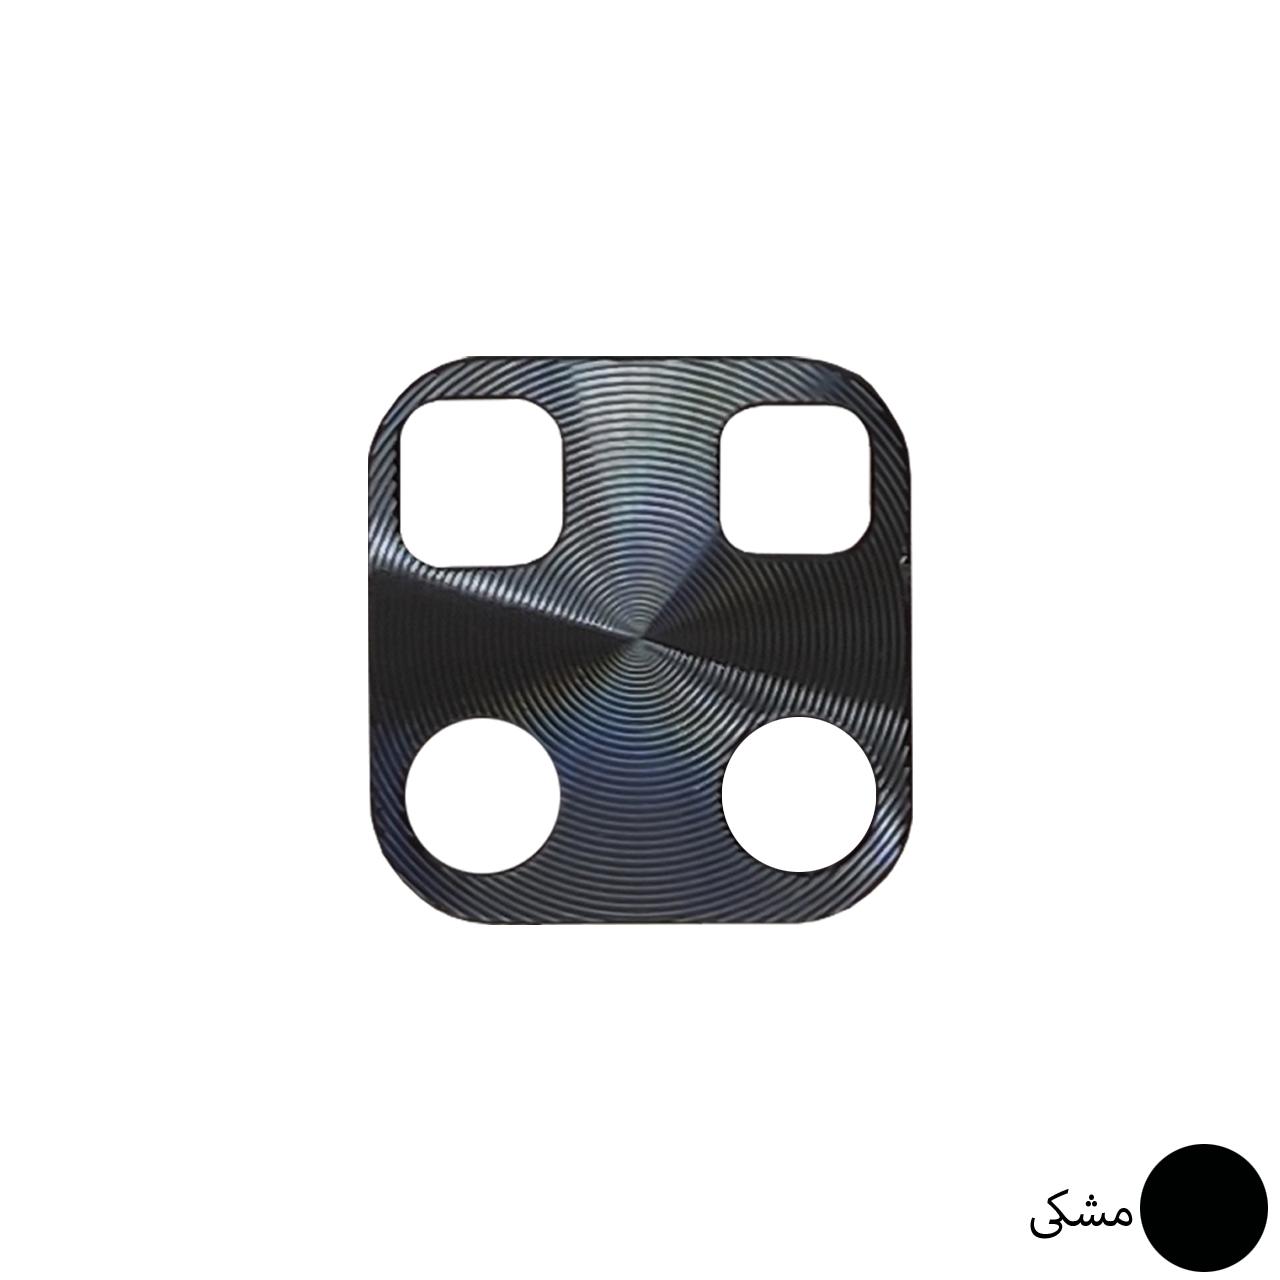 محافظ لنز دوربین مدل Flz مناسب برای گوشی موبایل شیائومی Redmi Note 9/9s/9 Pro main 1 3